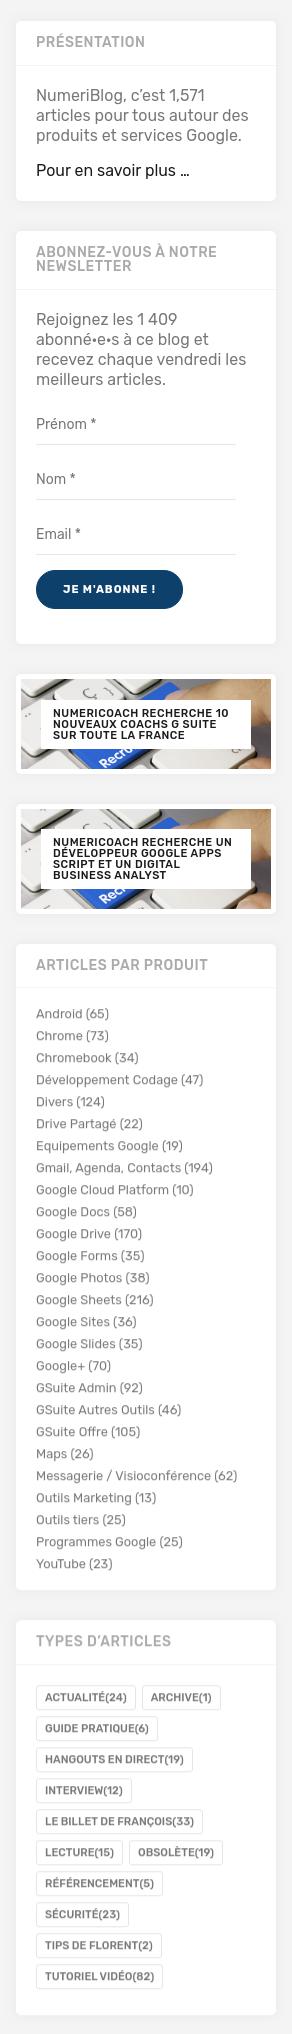 Capture d'écran du menu de droite